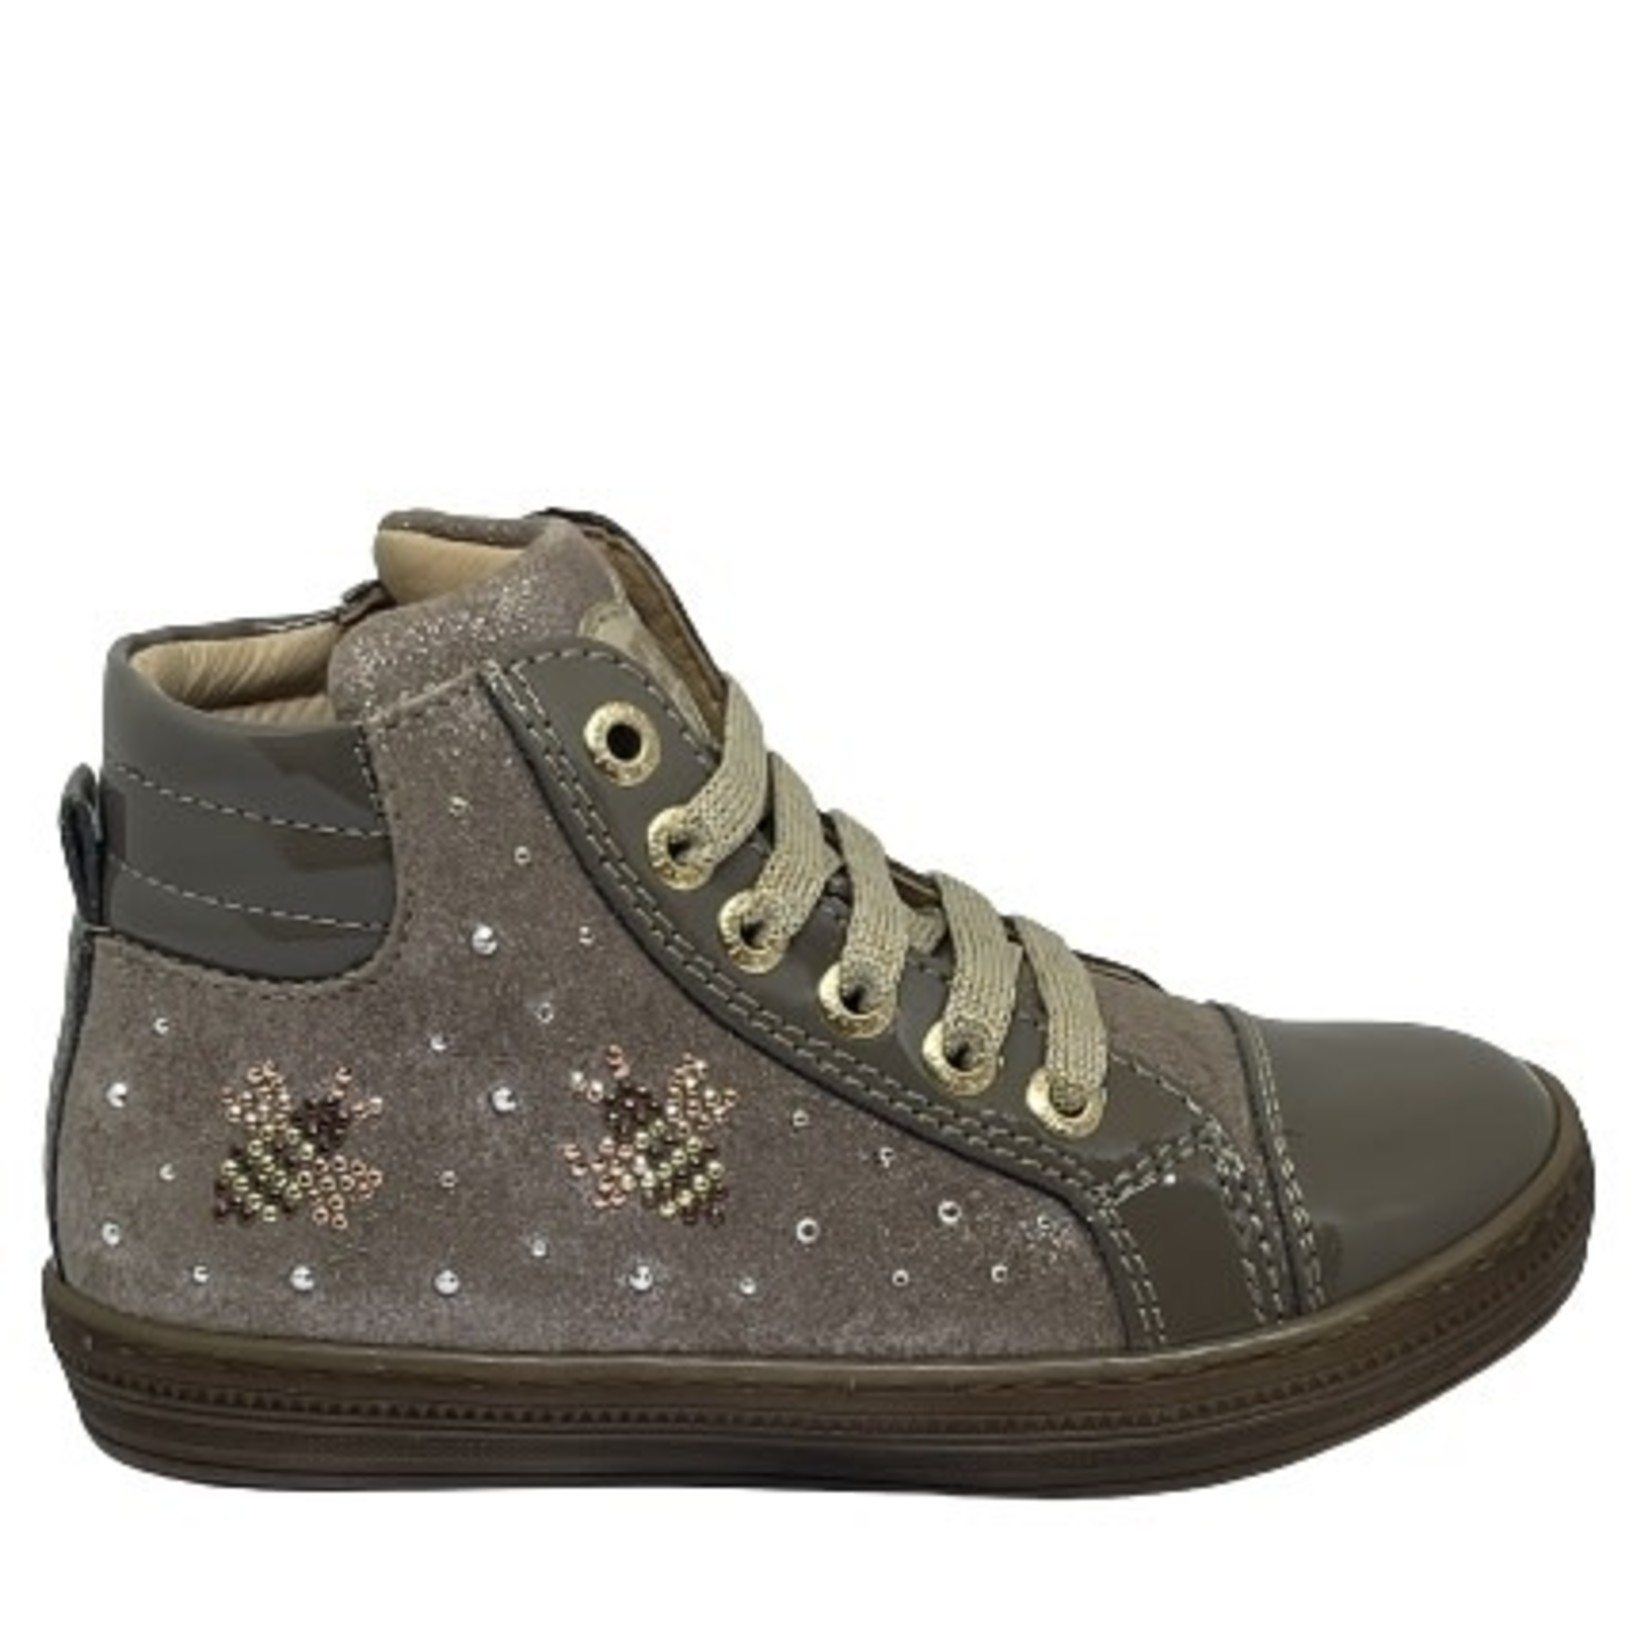 Lunella Lunella Hoge schoen Beige/glitter